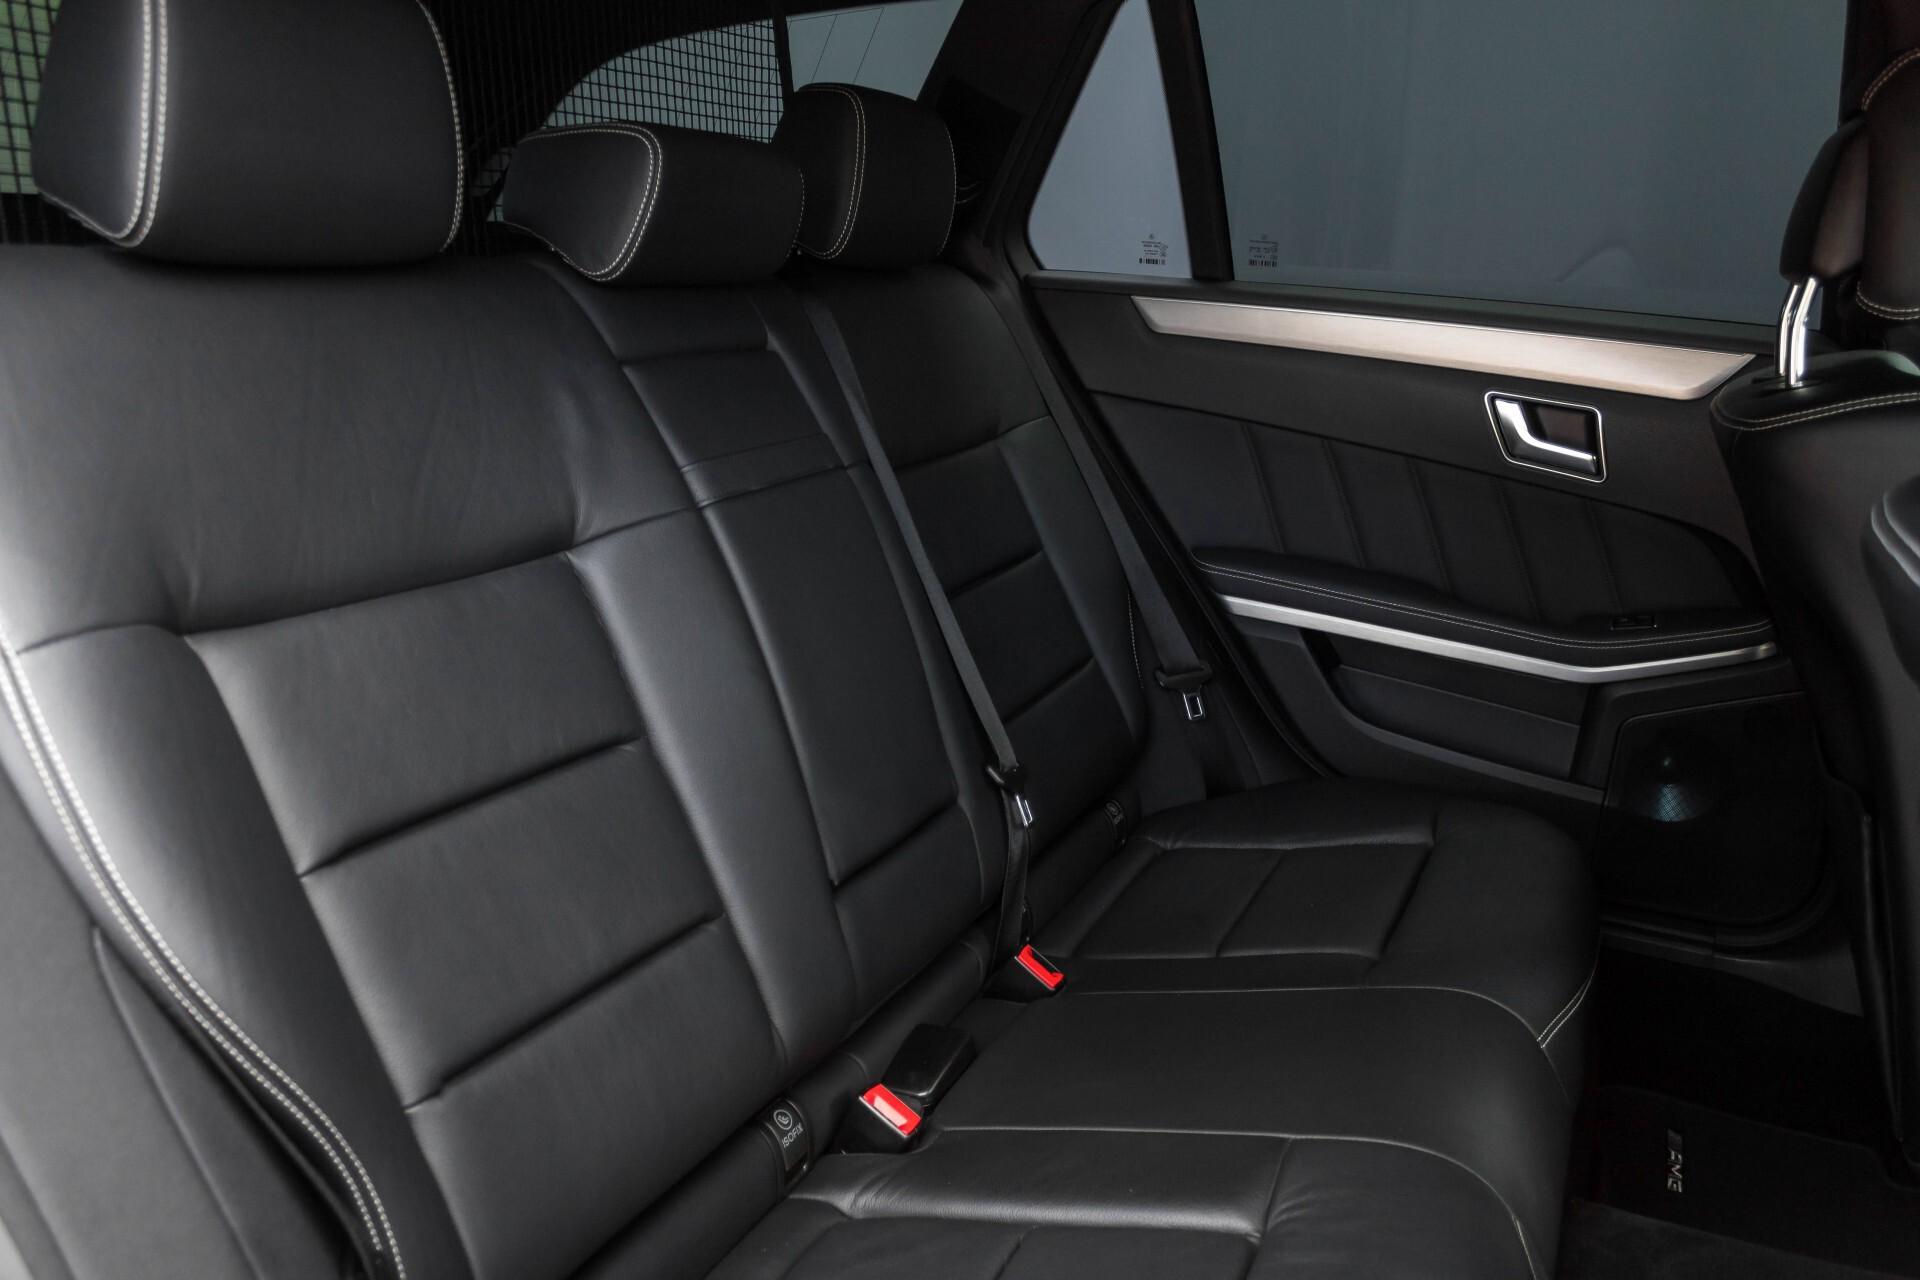 Mercedes-Benz E-Klasse Estate 350 Cdi AMG Luchtvering/Schuifdak/Comand/Harman Kardon/ILS Aut7 Foto 4